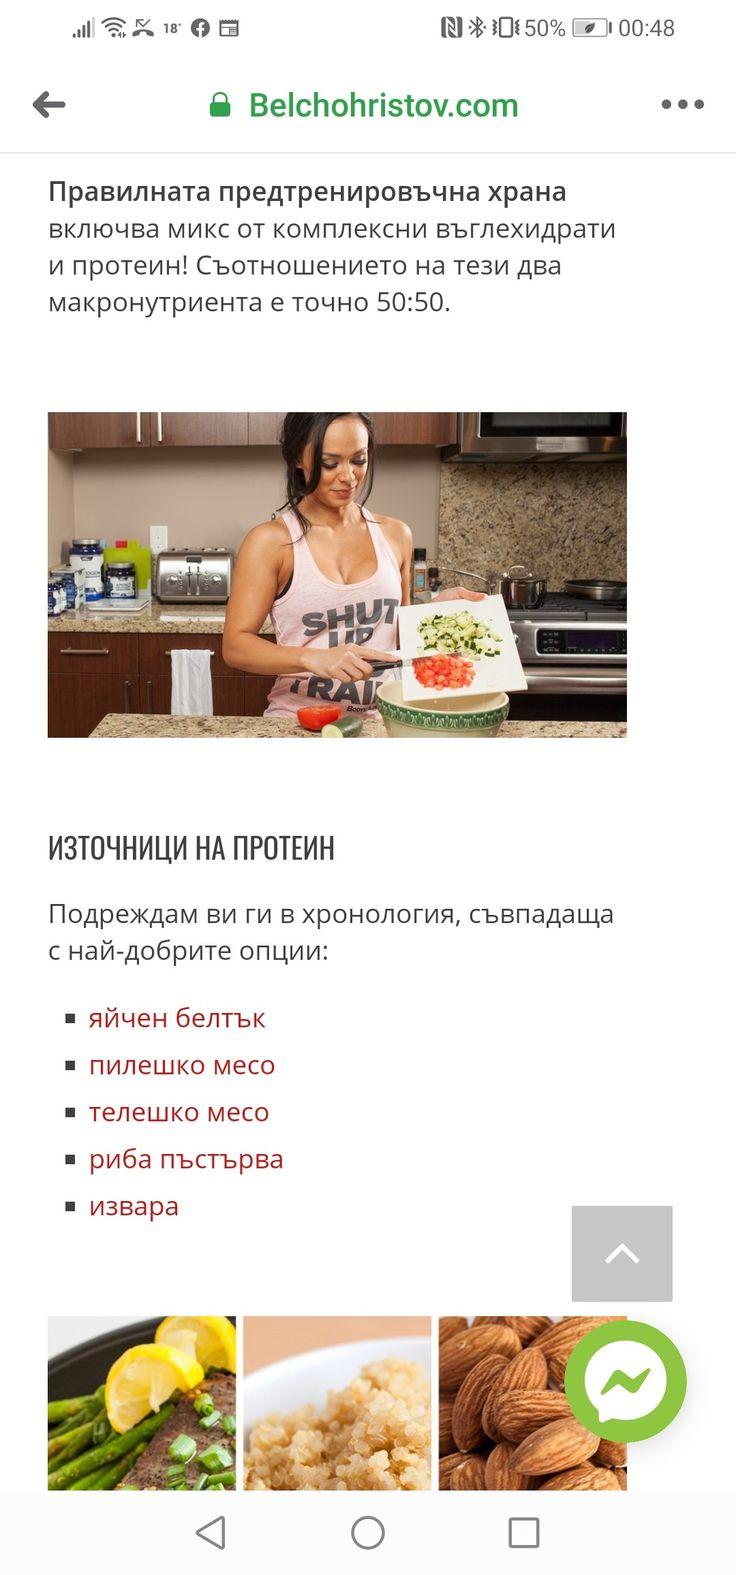 Преди тренировка - протеин | Diet, Aba